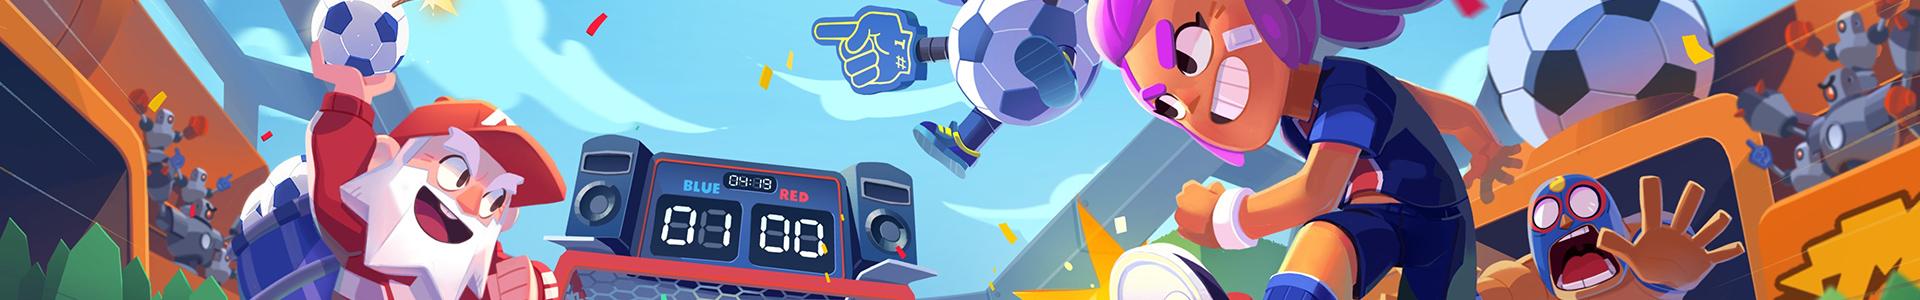 Banner media of Brawl Stars video game.